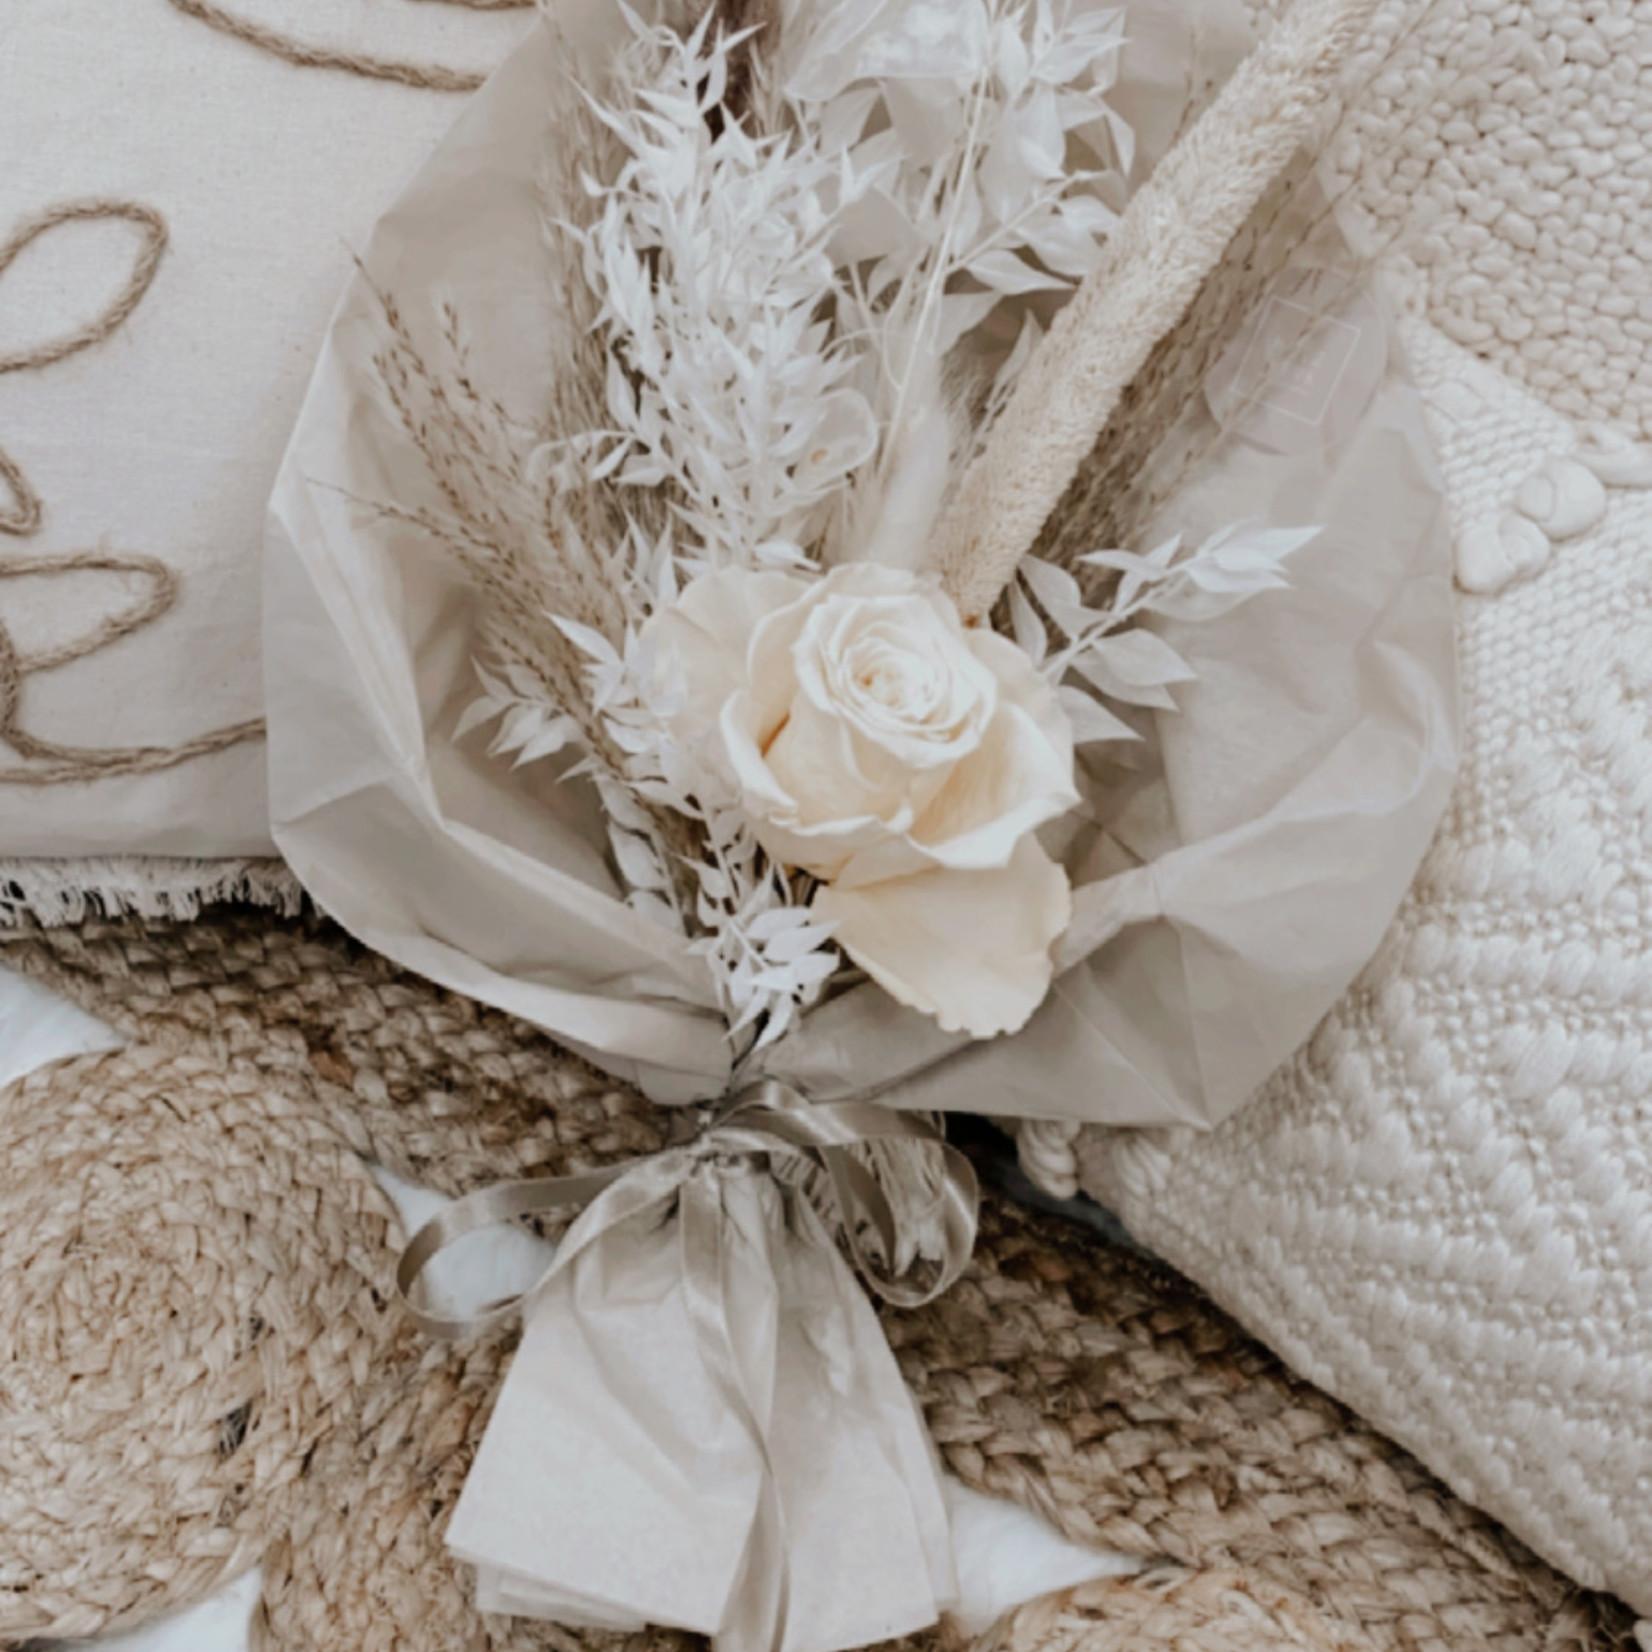 HBX Mini Eternity Flower Bouquet